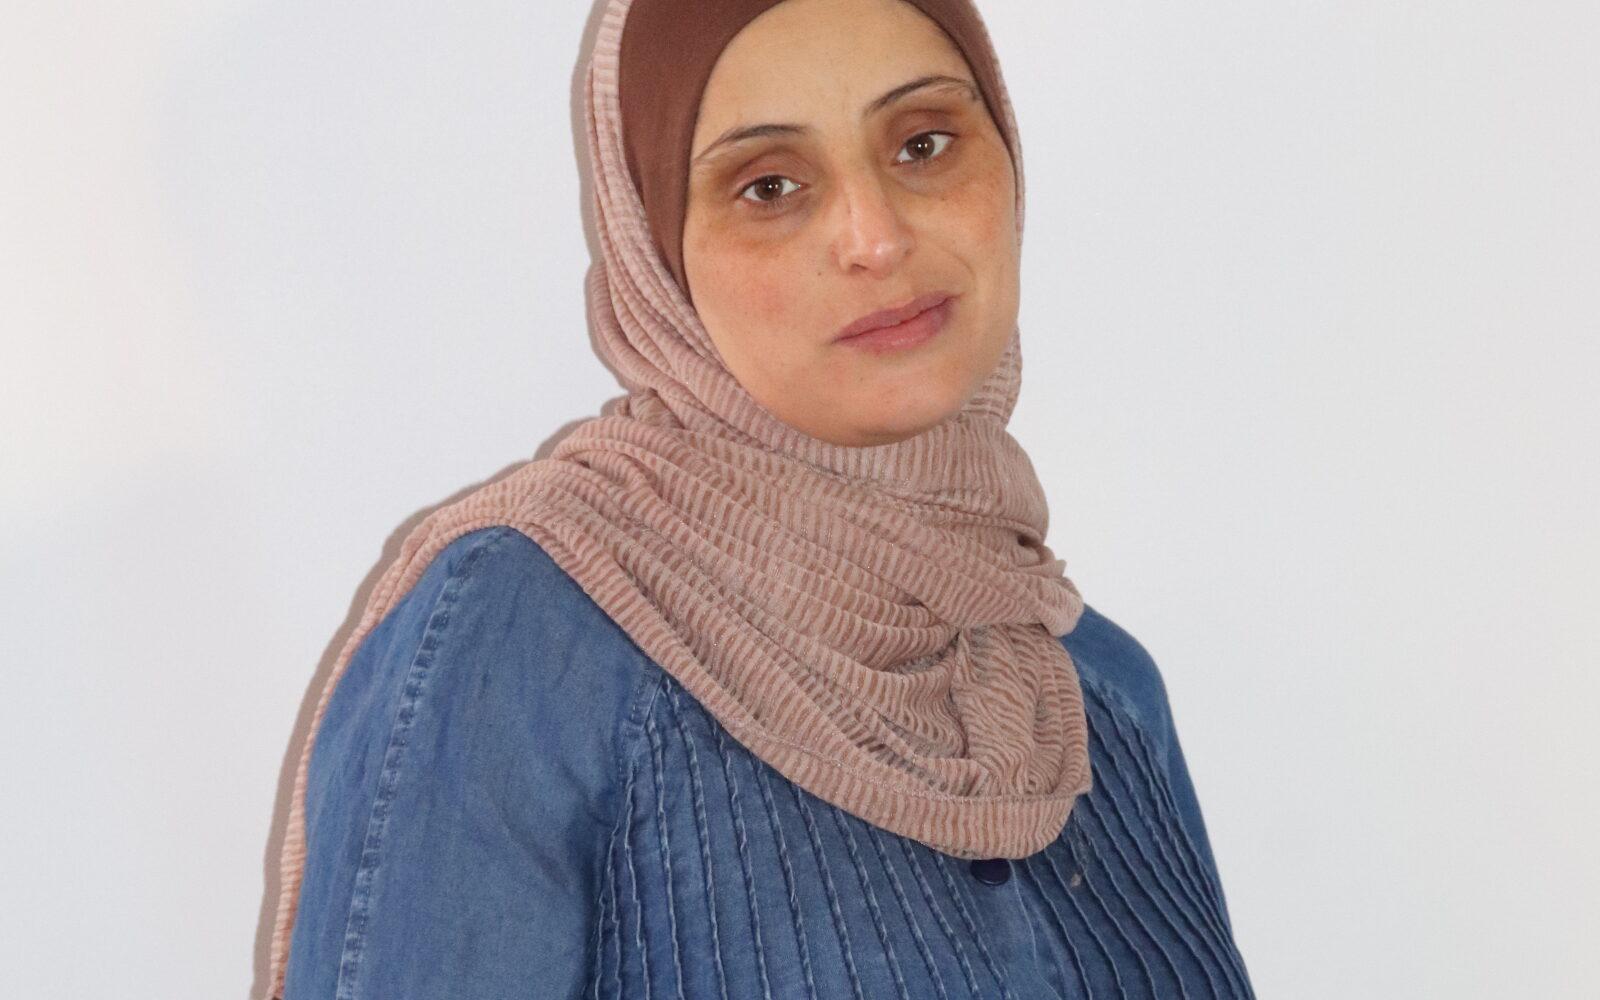 Eman, eine trauernde Mutter, die zwischen den Zeilen des Schmerzes Hoffnung fand